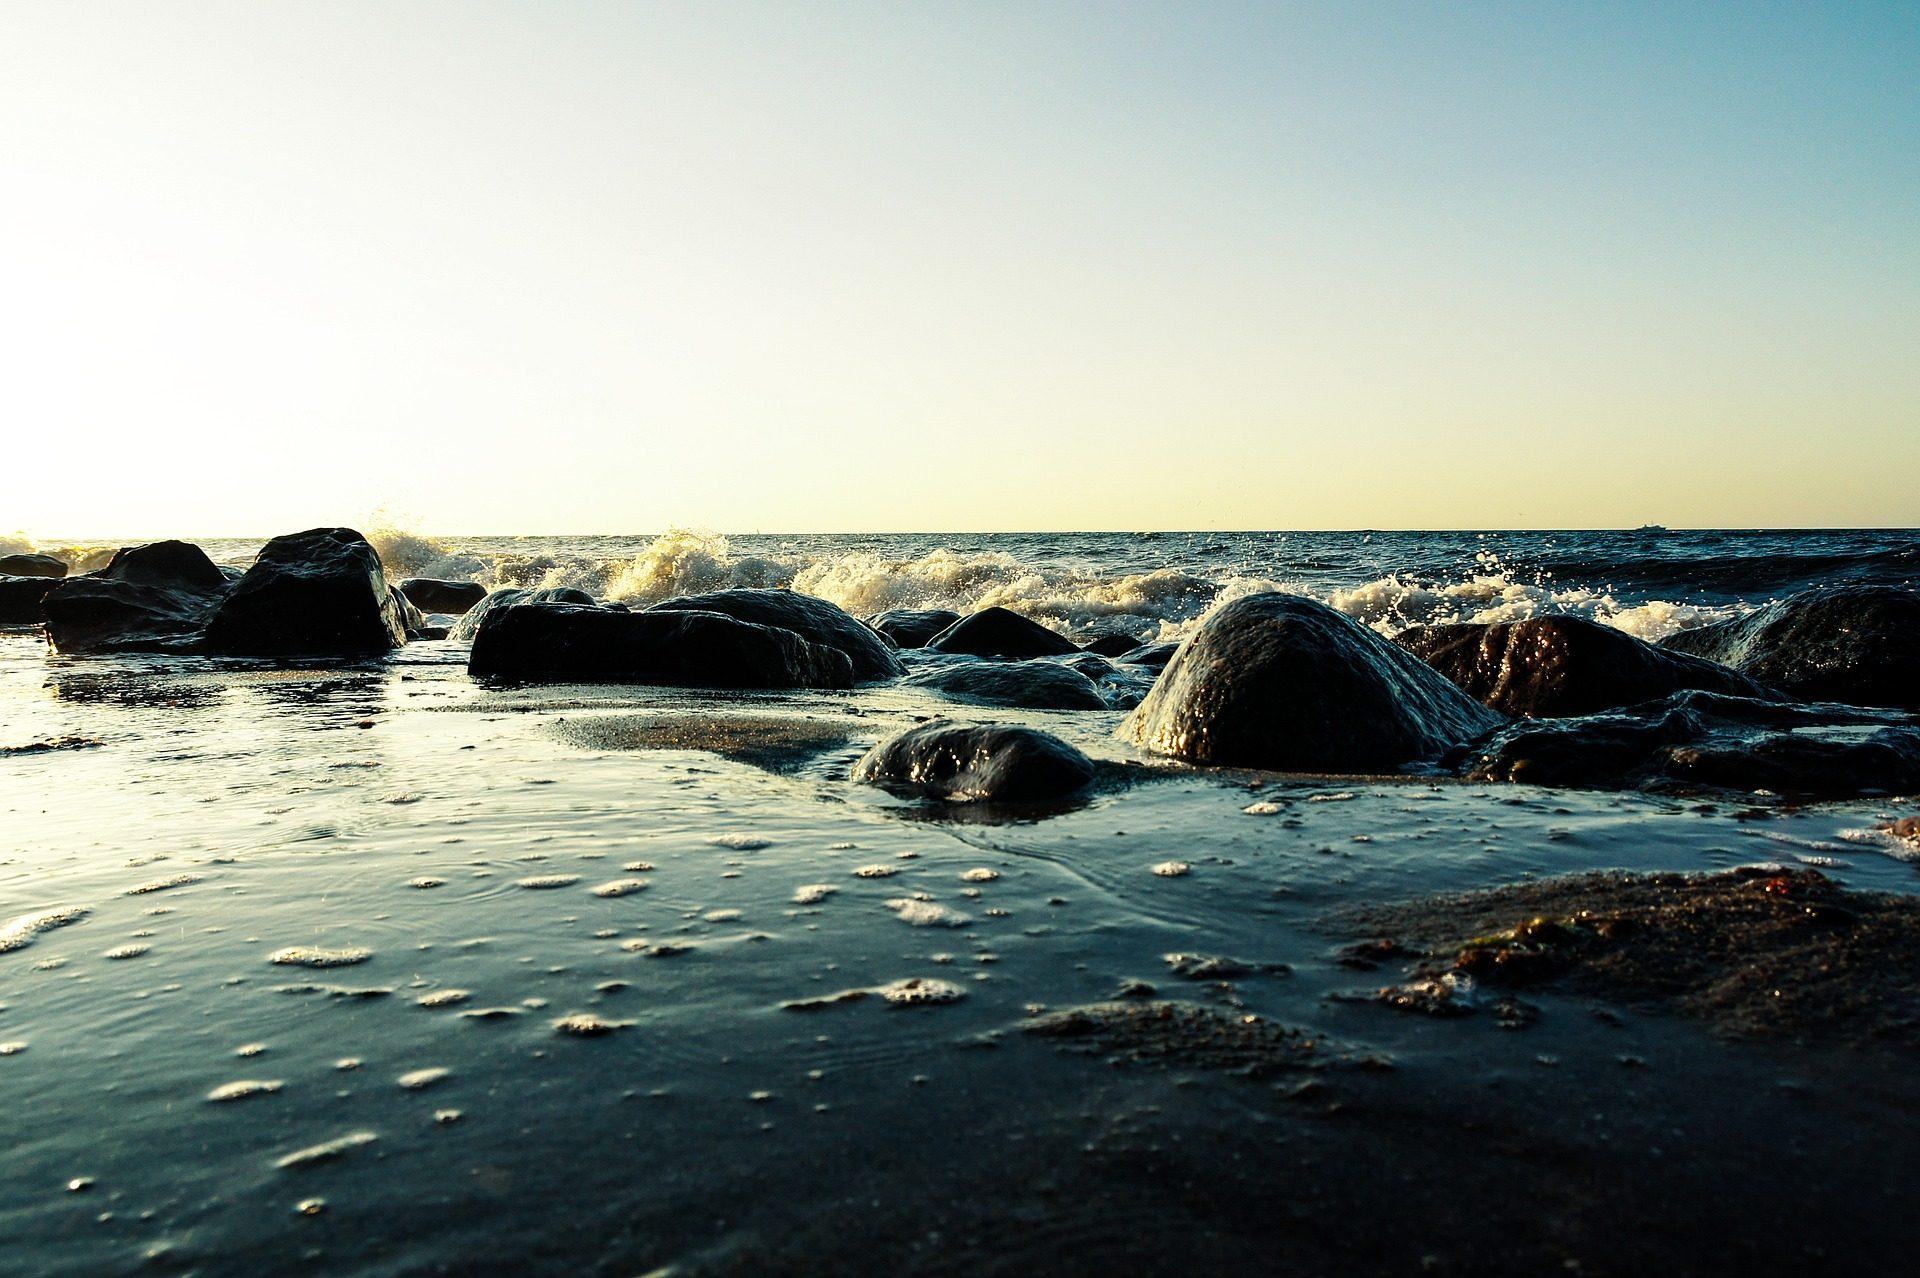 Meer, Ozean, Steinen, Rocas, Wasser, Wellen - Wallpaper HD - Prof.-falken.com